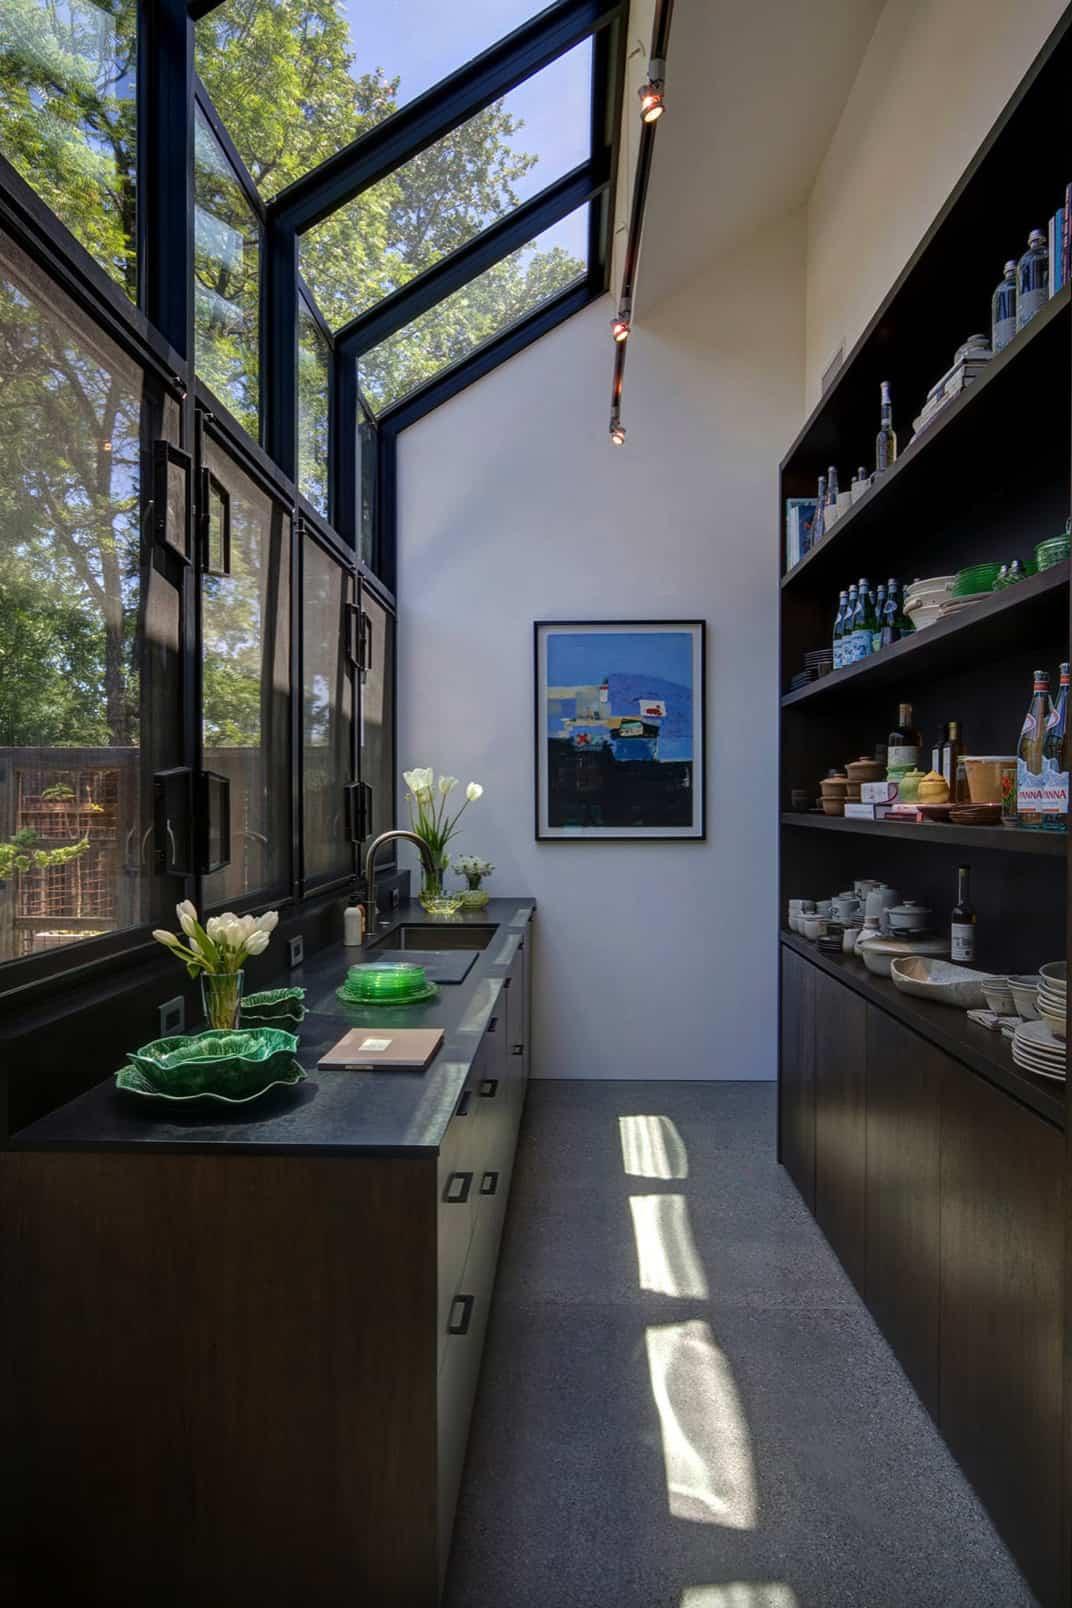 solarium-design-ideas-pantry